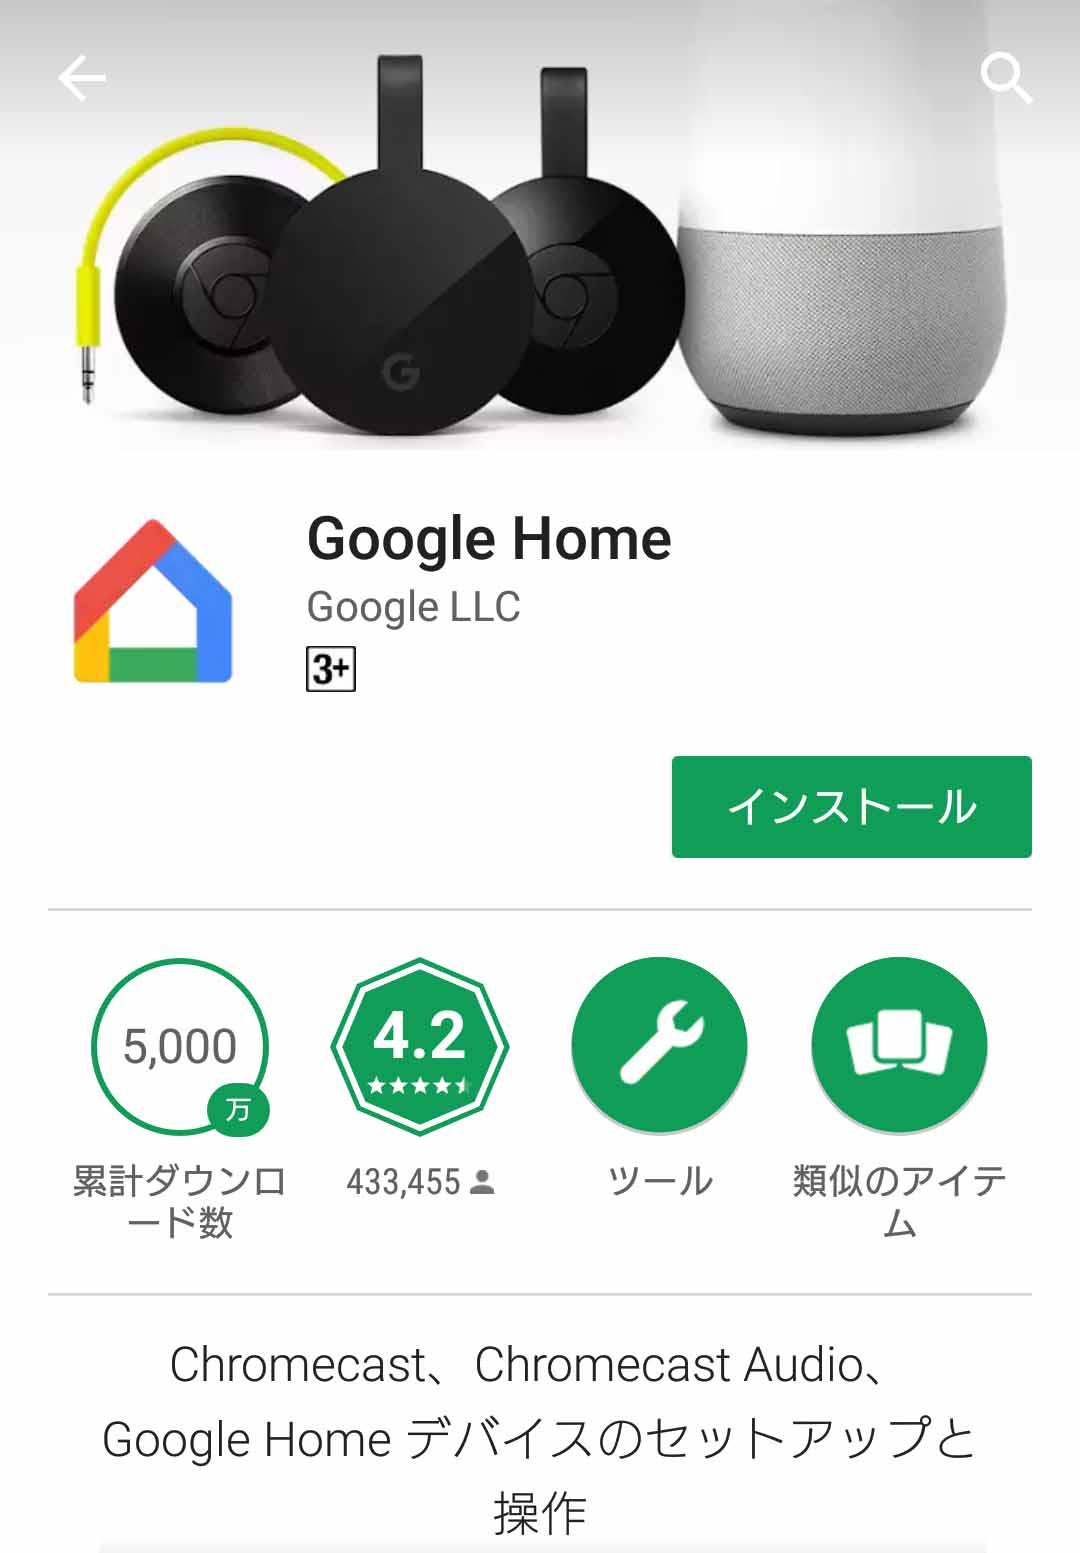 google_home_23.jpg